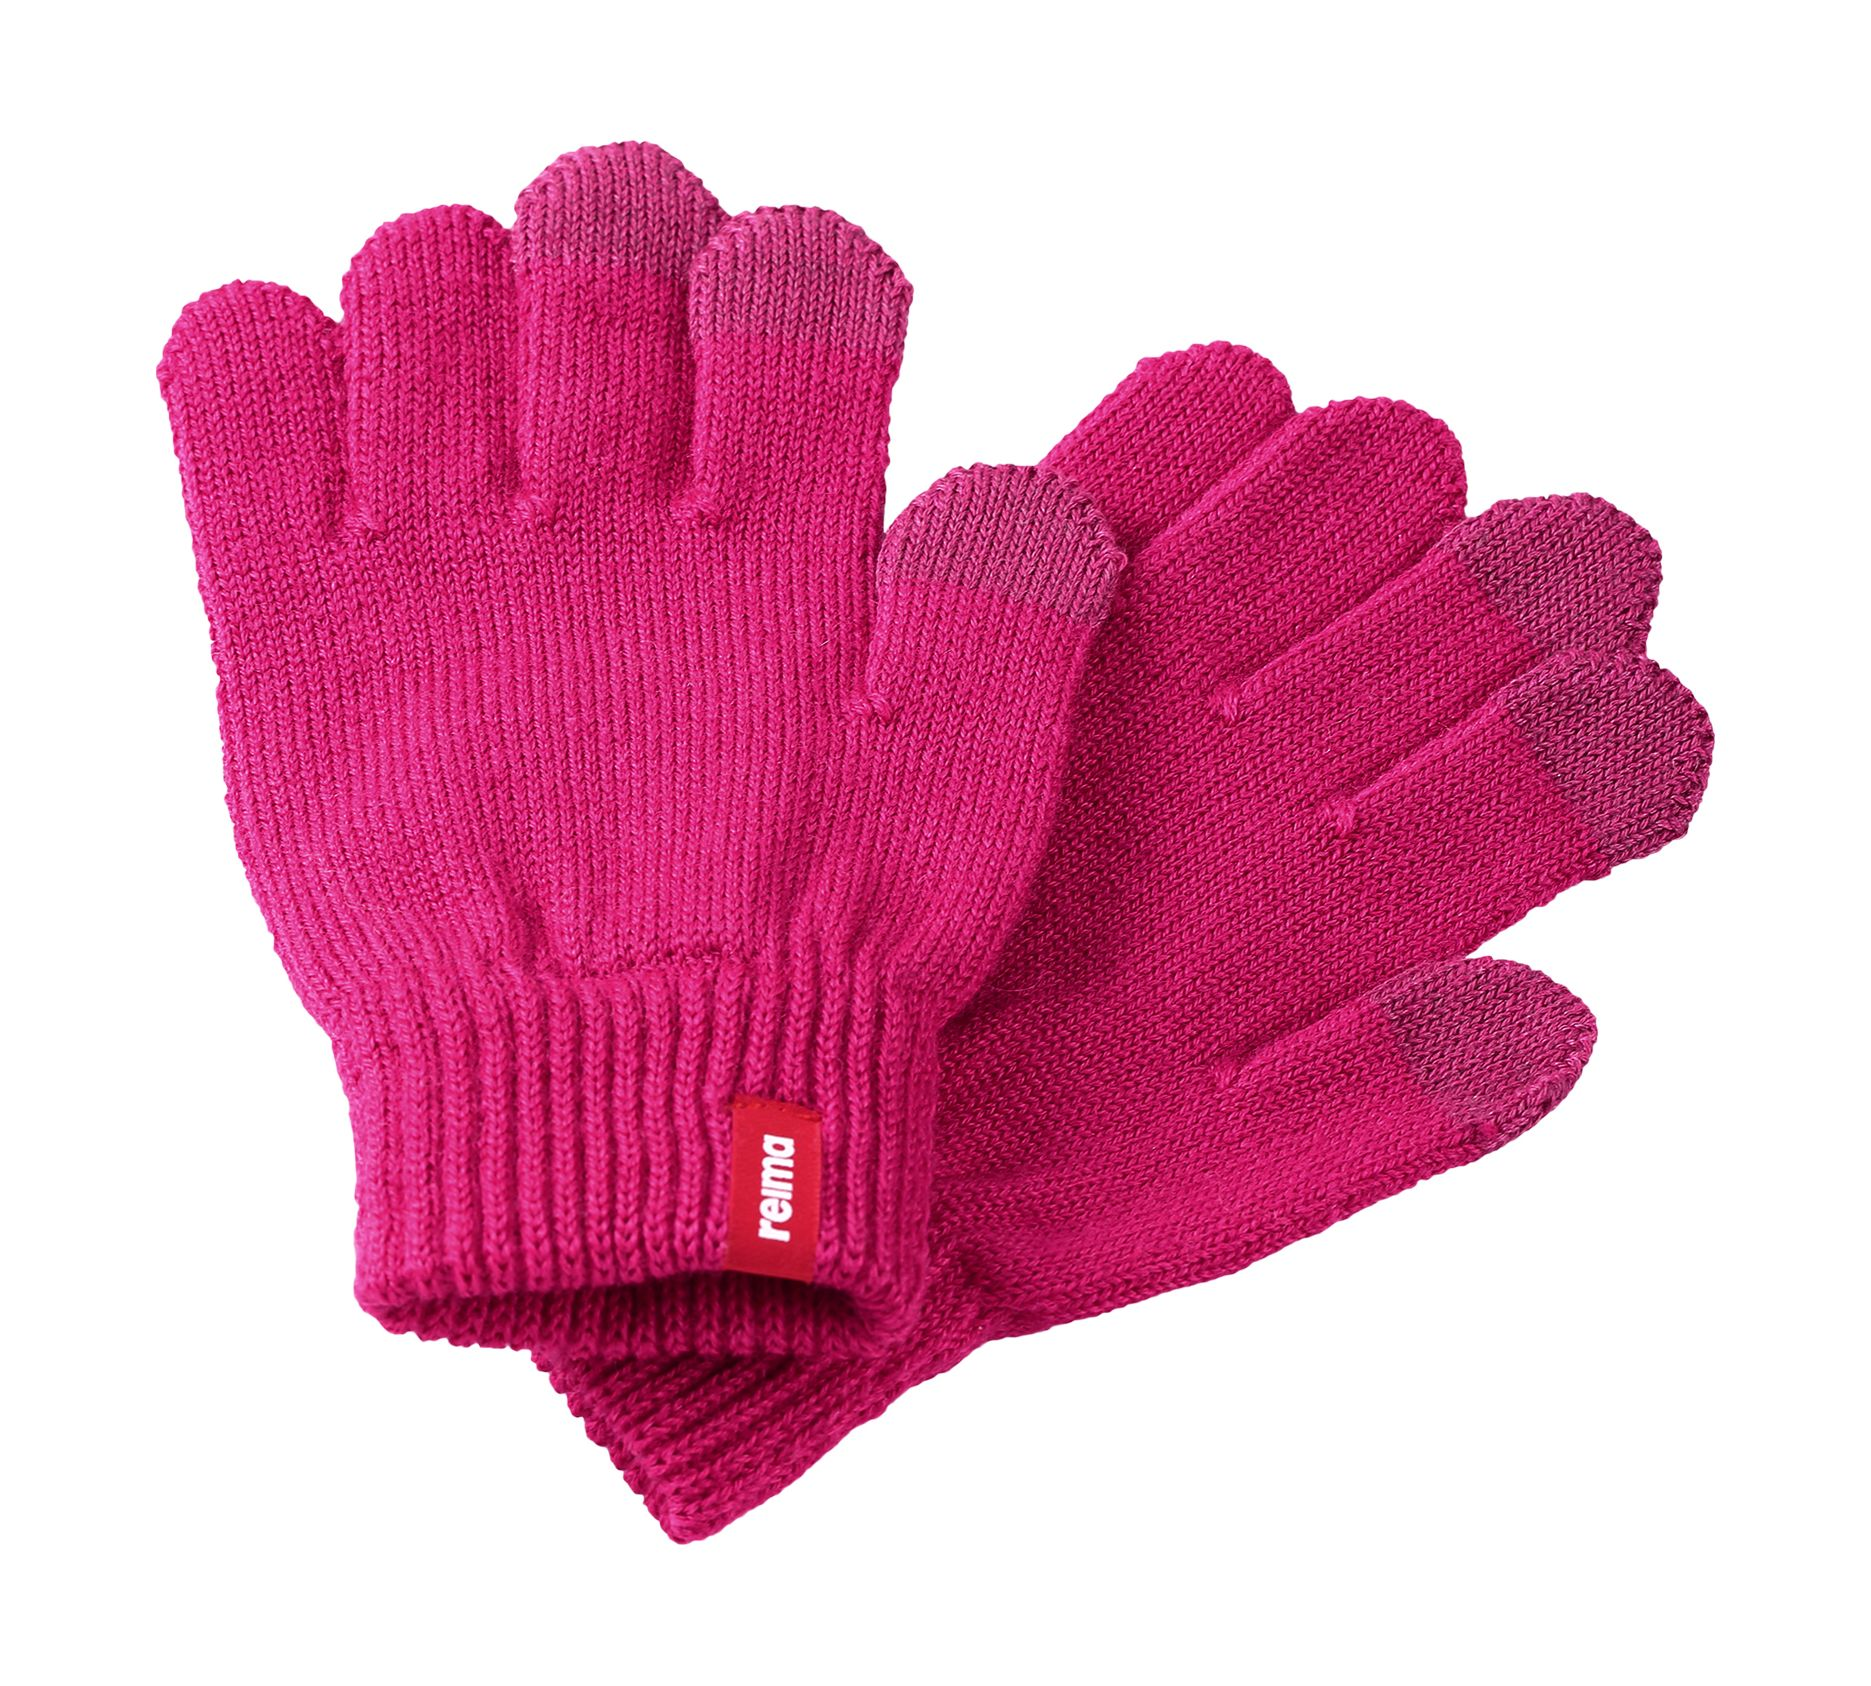 REIMA Rimo Raspberry Pink 43894